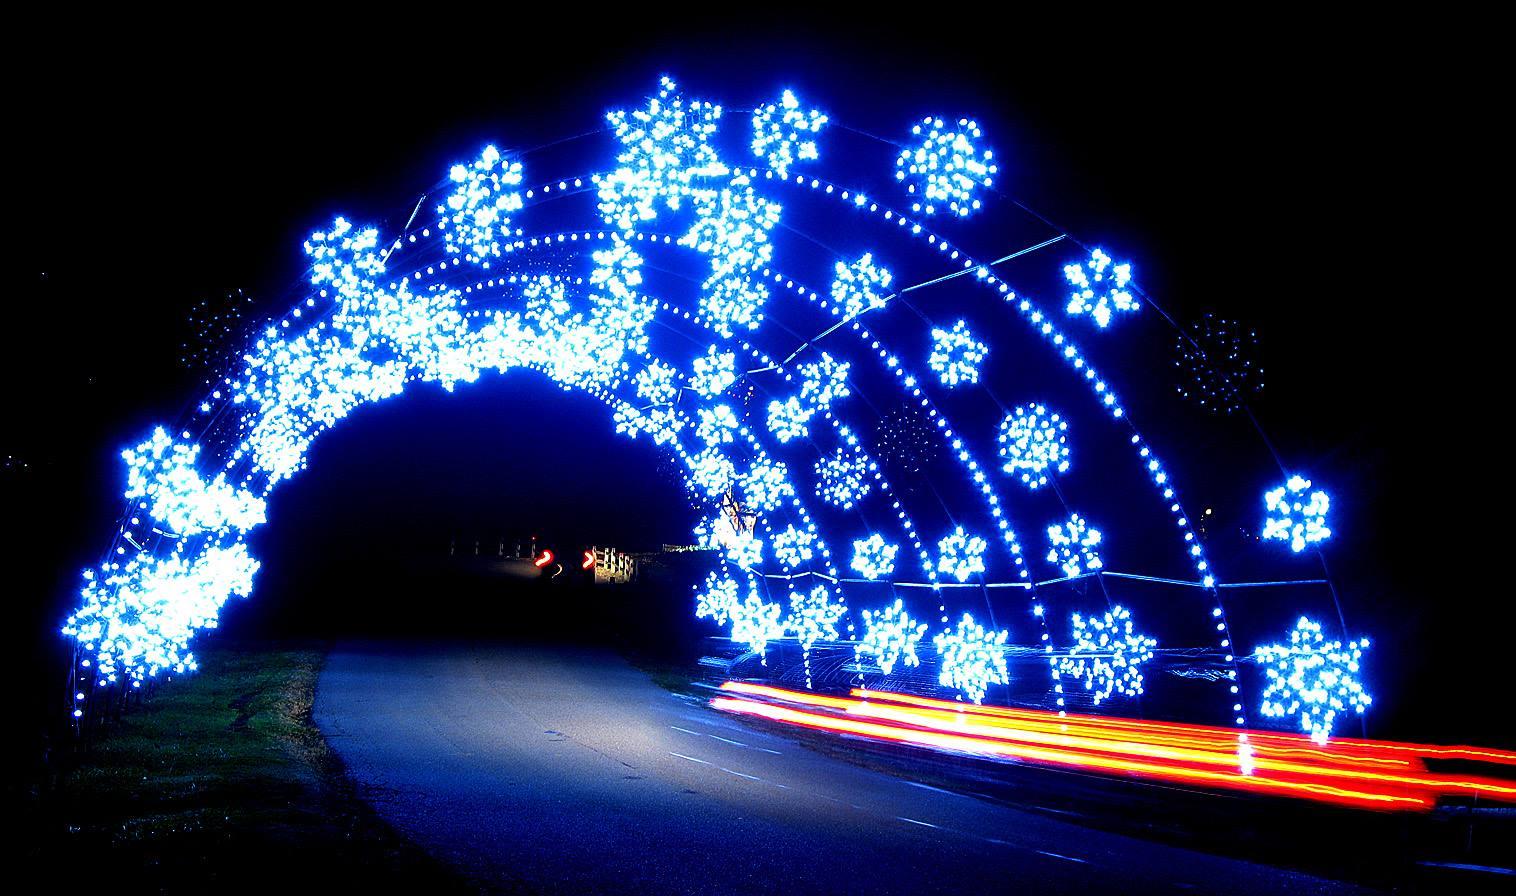 Winter Festival Of Lights At Oglebay Resort Is The Largest Drive ...